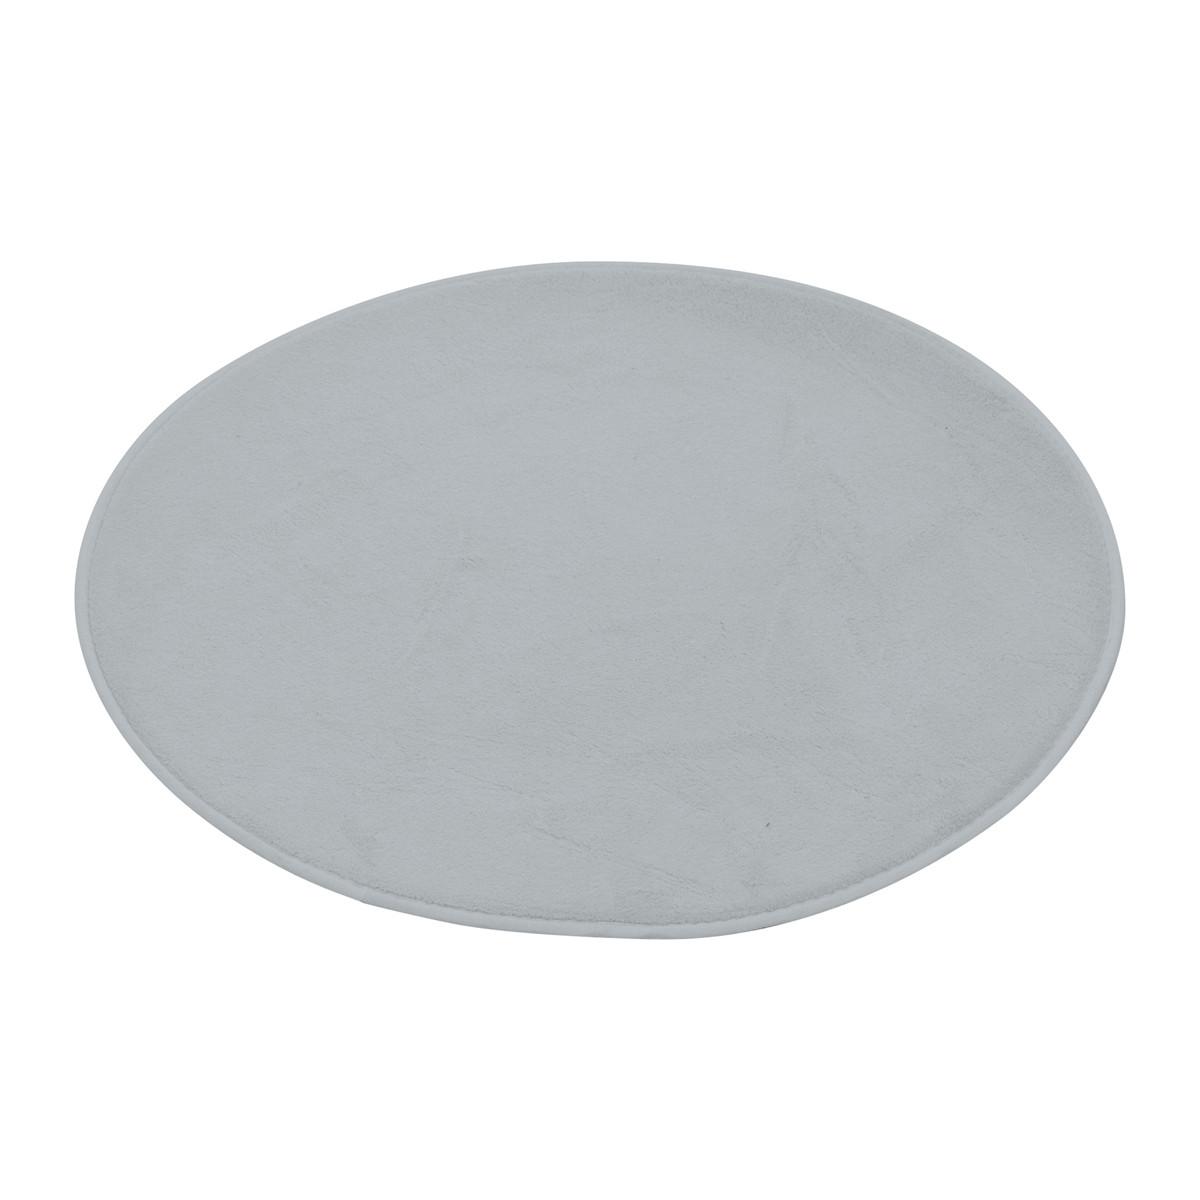 Πατάκι Μπάνιου (Φ60) L-C Round L.Grey 6GMB270GC